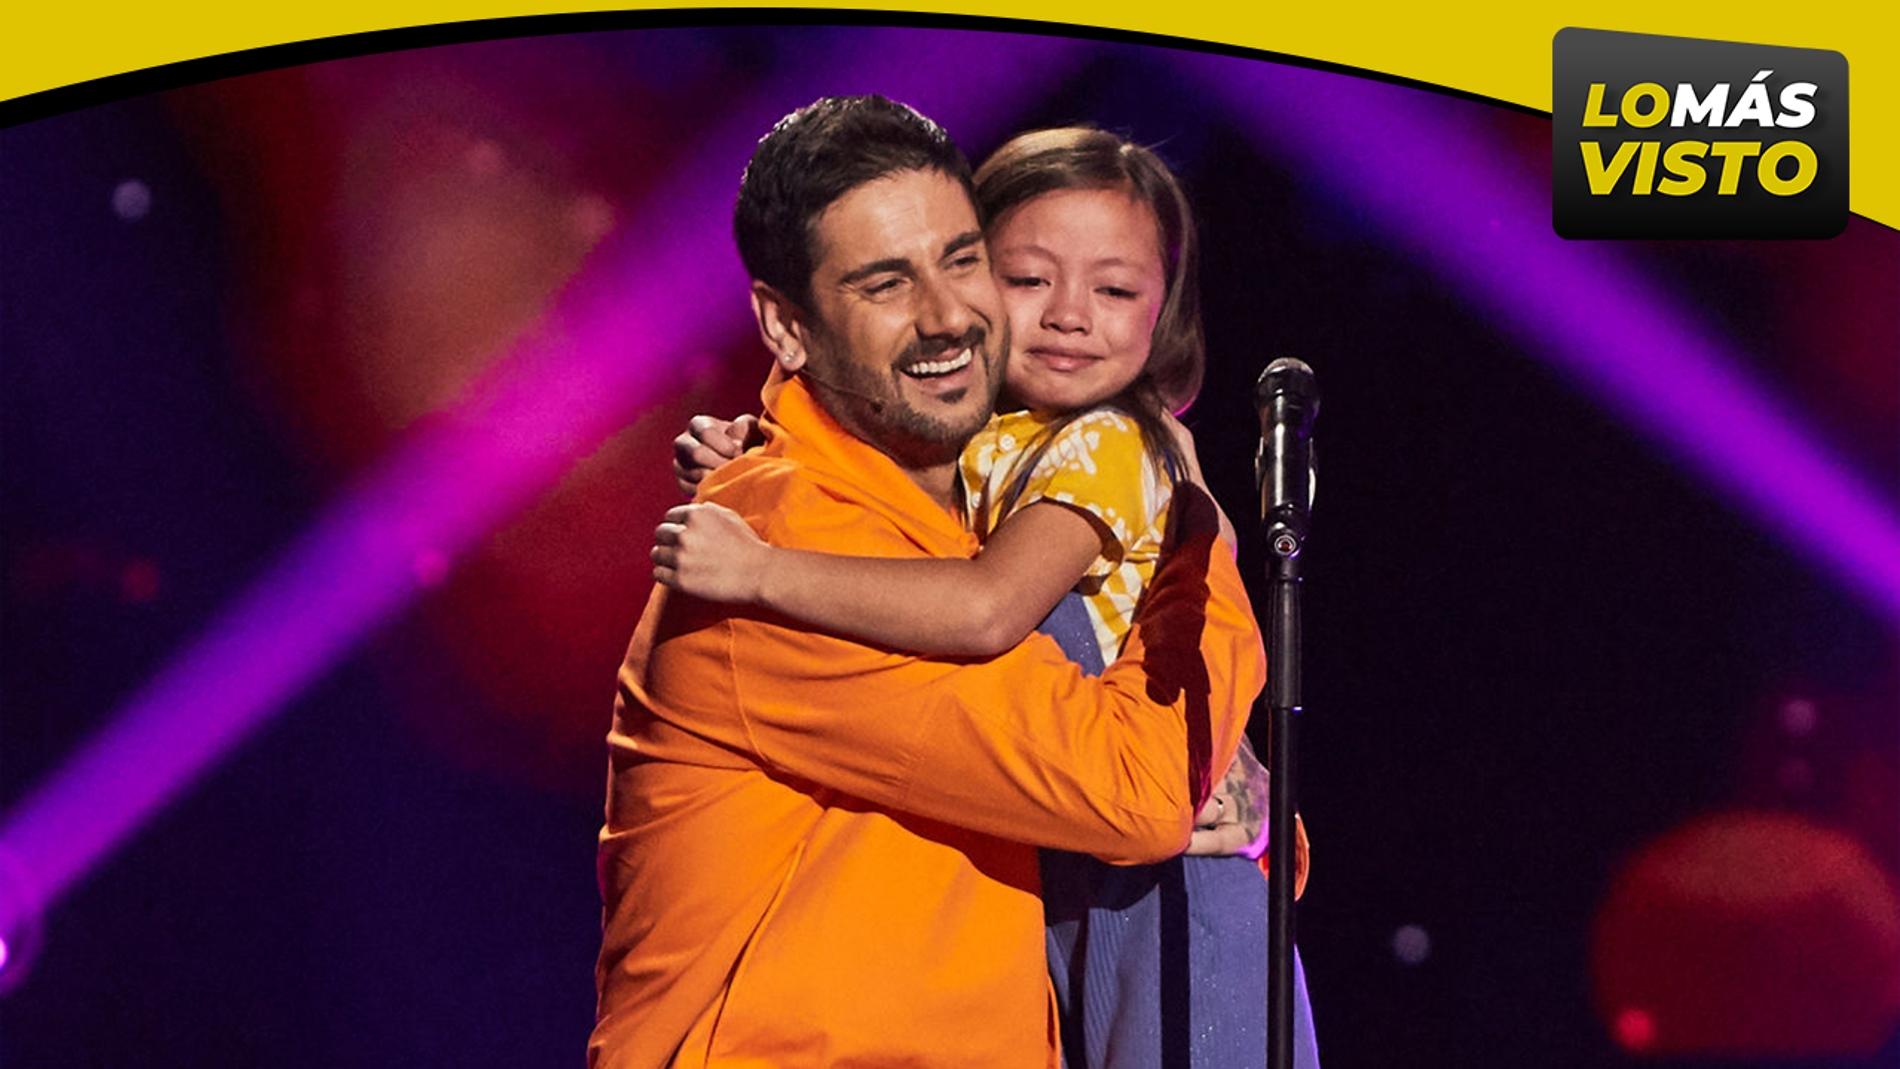 Audiencias: Antena 3 logra lo más visto de la televisión con 'La Voz Kids'